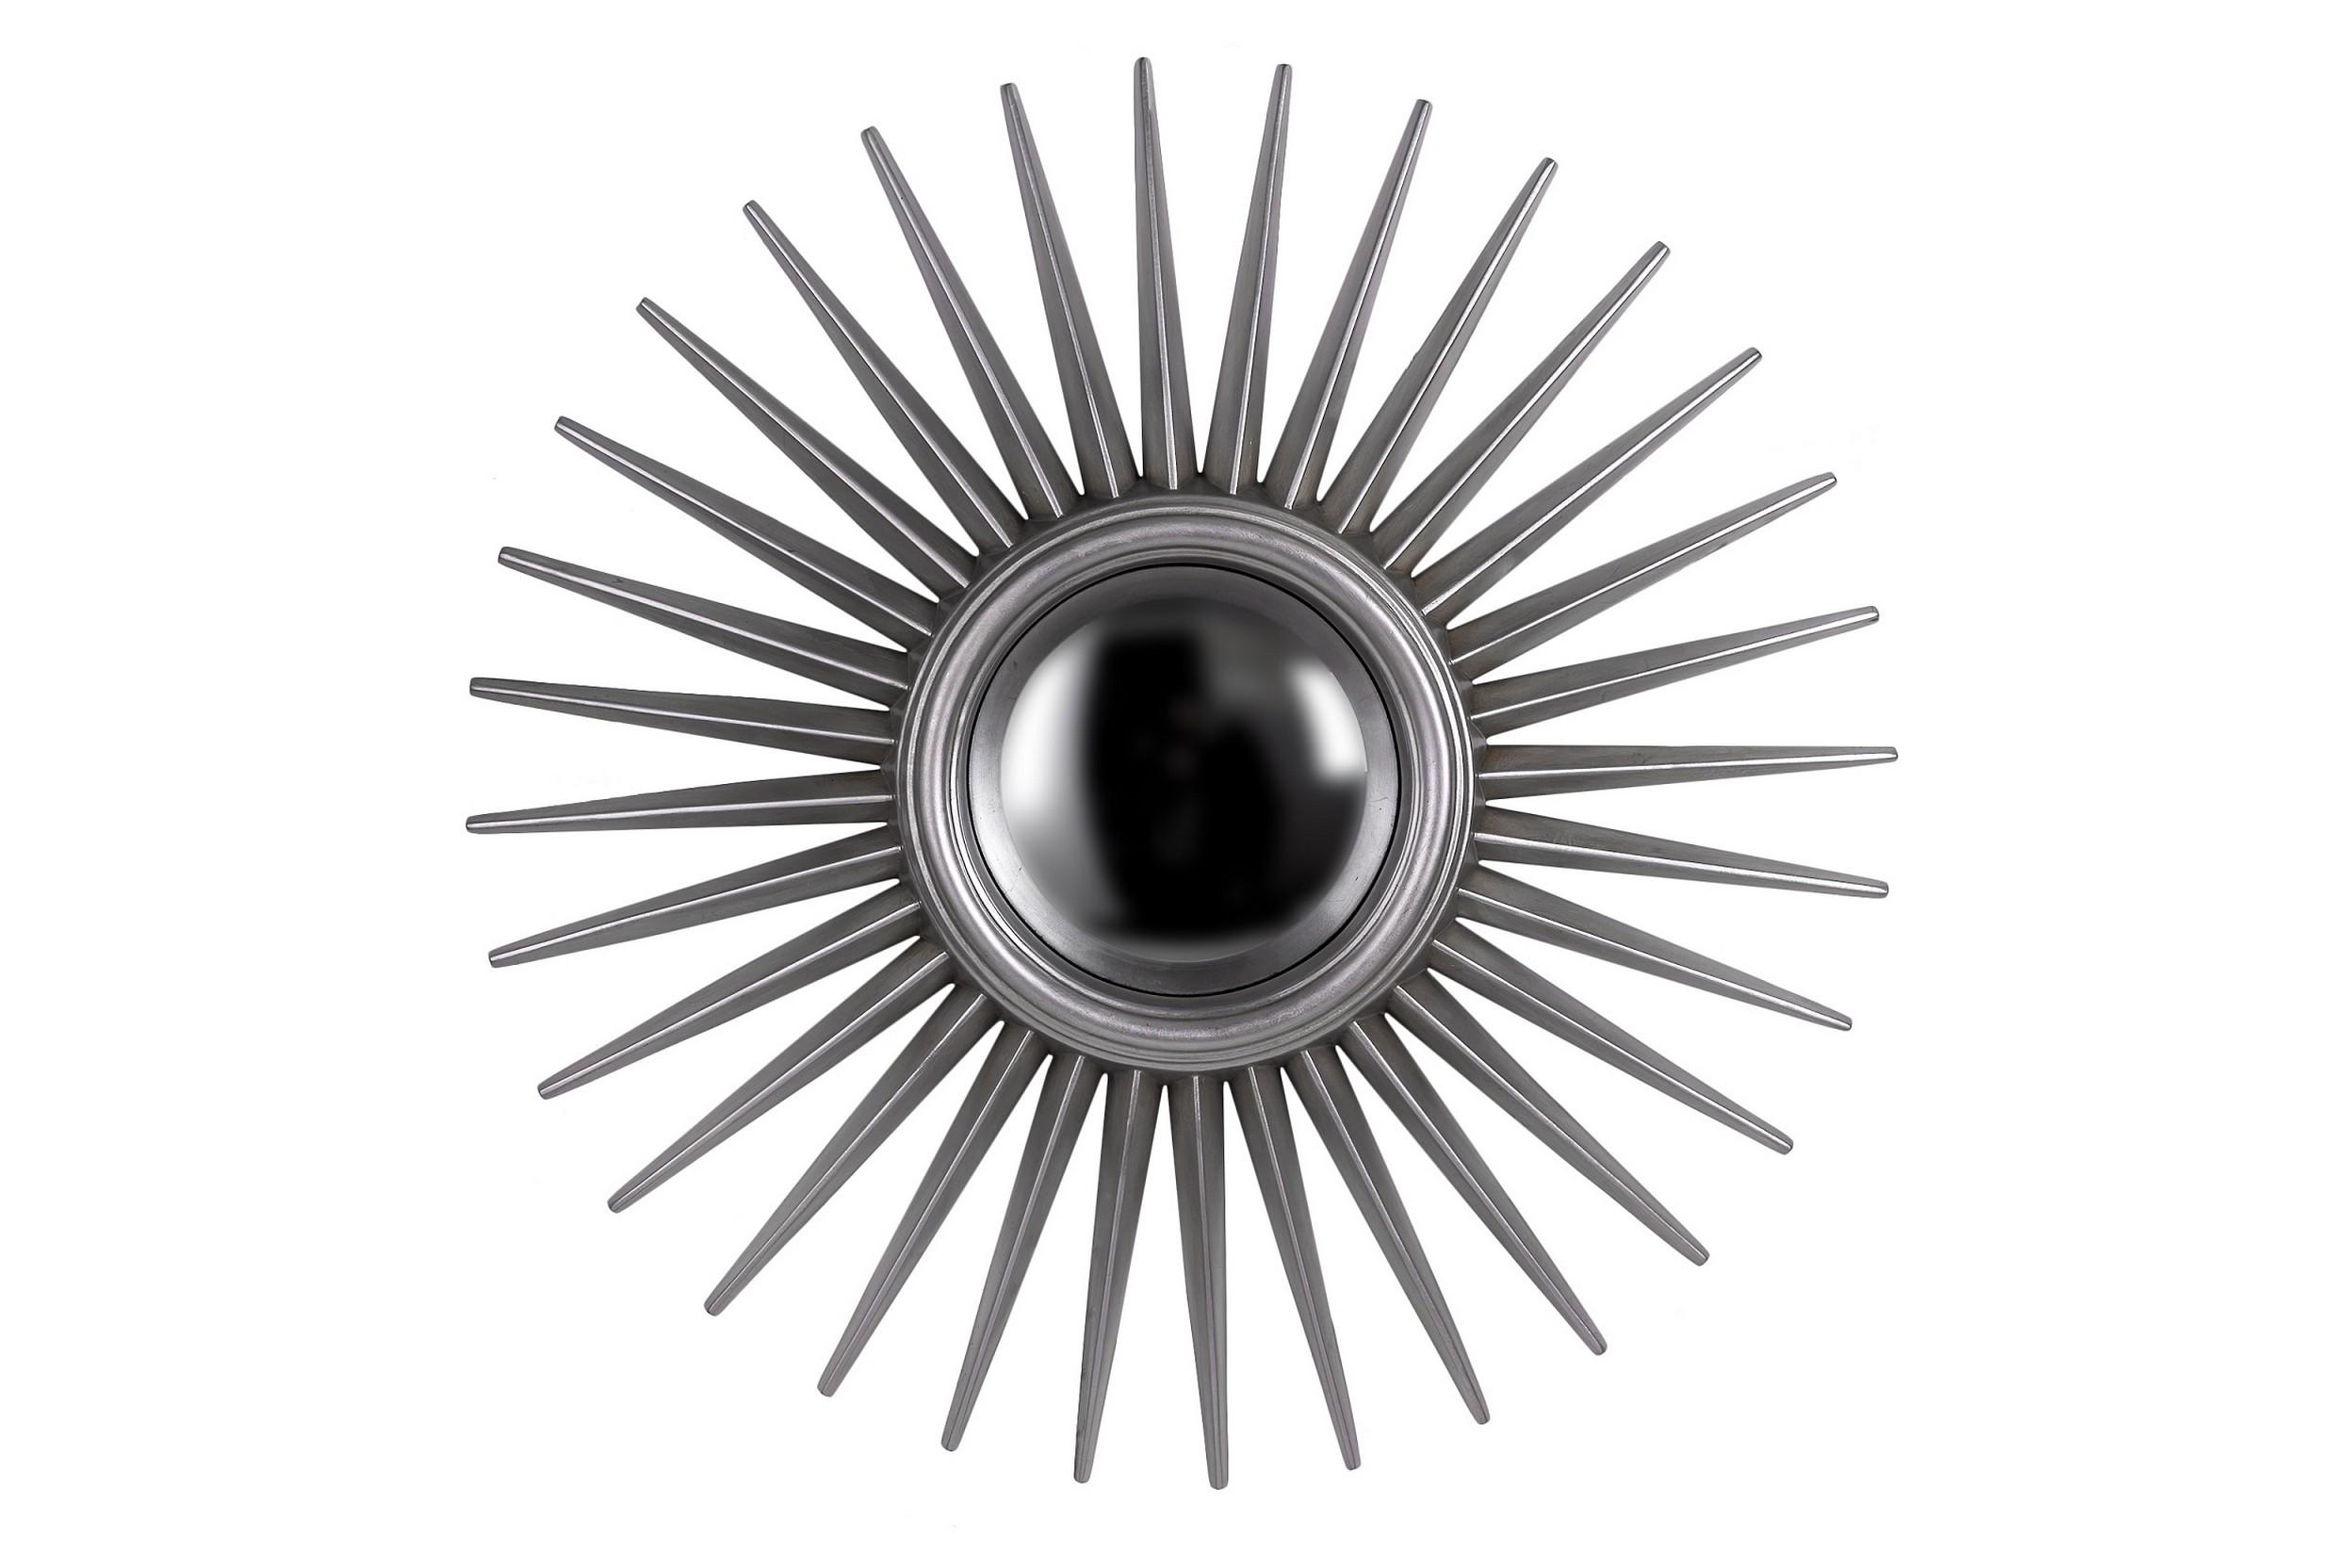 Зеркало в раме солнце Star SilverНастенные зеркала<br>С таким зеркалом в вашем доме всегда будет стоять хорошая погода. Это &amp;quot;солнце&amp;quot;, имеющее оригинальный силуэт, осветит пространство лучами элегантности, присущей американскому стилю. Использование серебряного цвета для оформления позволяет зеркалу выглядеть сдержаннее и утонченнее.&amp;lt;div&amp;gt;&amp;lt;br&amp;gt;&amp;lt;/div&amp;gt;&amp;lt;div&amp;gt;Влагостойкое серебряное сферическое зеркало.&amp;lt;/div&amp;gt;&amp;lt;div&amp;gt;Материал рамы: полиуретан.&amp;lt;/div&amp;gt;&amp;lt;div&amp;gt;Цвет зеркала/рамы: серебро.&amp;lt;/div&amp;gt;&amp;lt;div&amp;gt;Размер внешний, с рамой: диаметр 76 см.&amp;lt;/div&amp;gt;&amp;lt;div&amp;gt;Вес: 4,5 кг.&amp;lt;/div&amp;gt;<br><br>Material: Пластик<br>Diameter см: 76